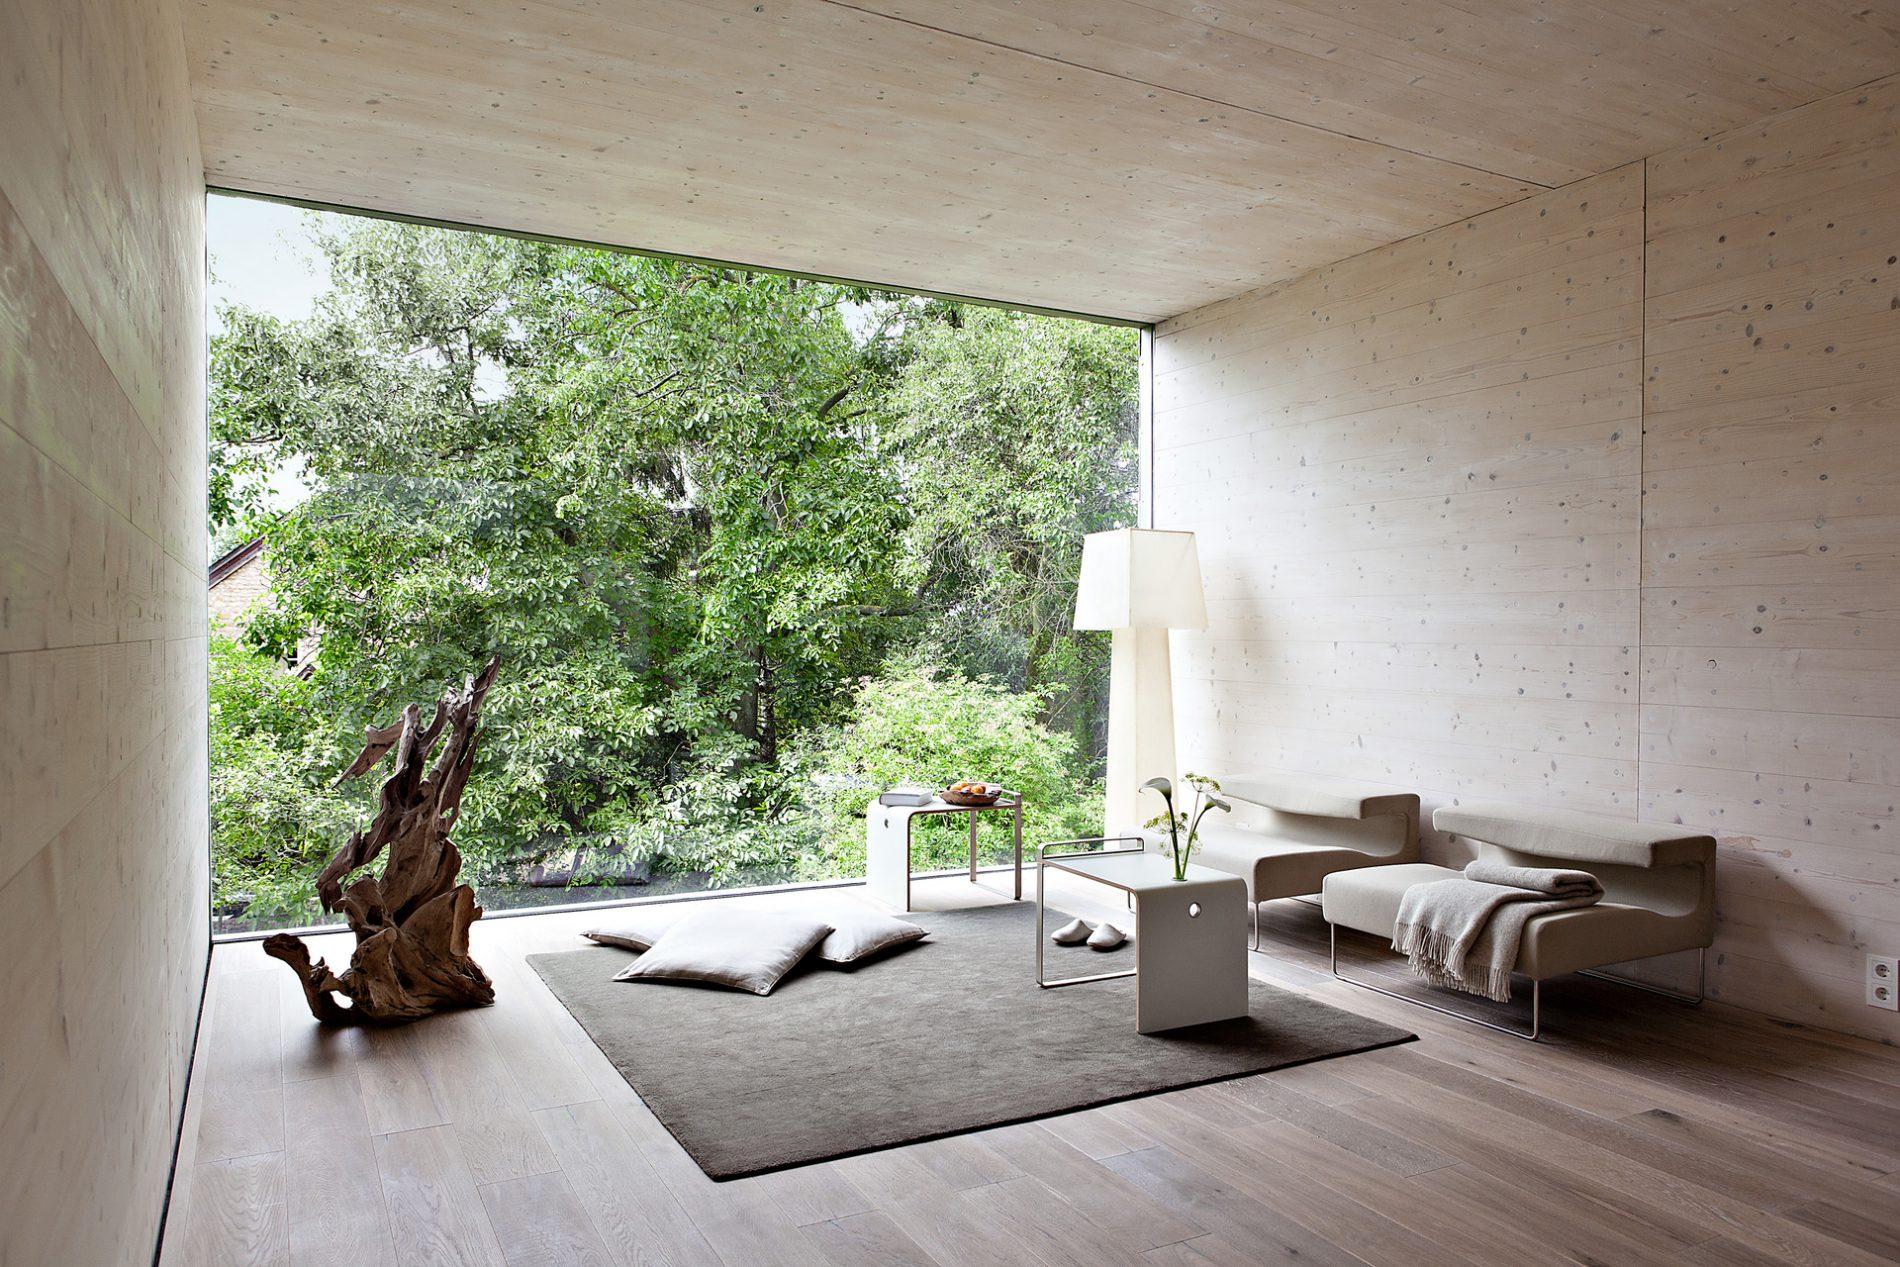 gesund und nachhaltig wohnen im thoma holzhaus. Black Bedroom Furniture Sets. Home Design Ideas